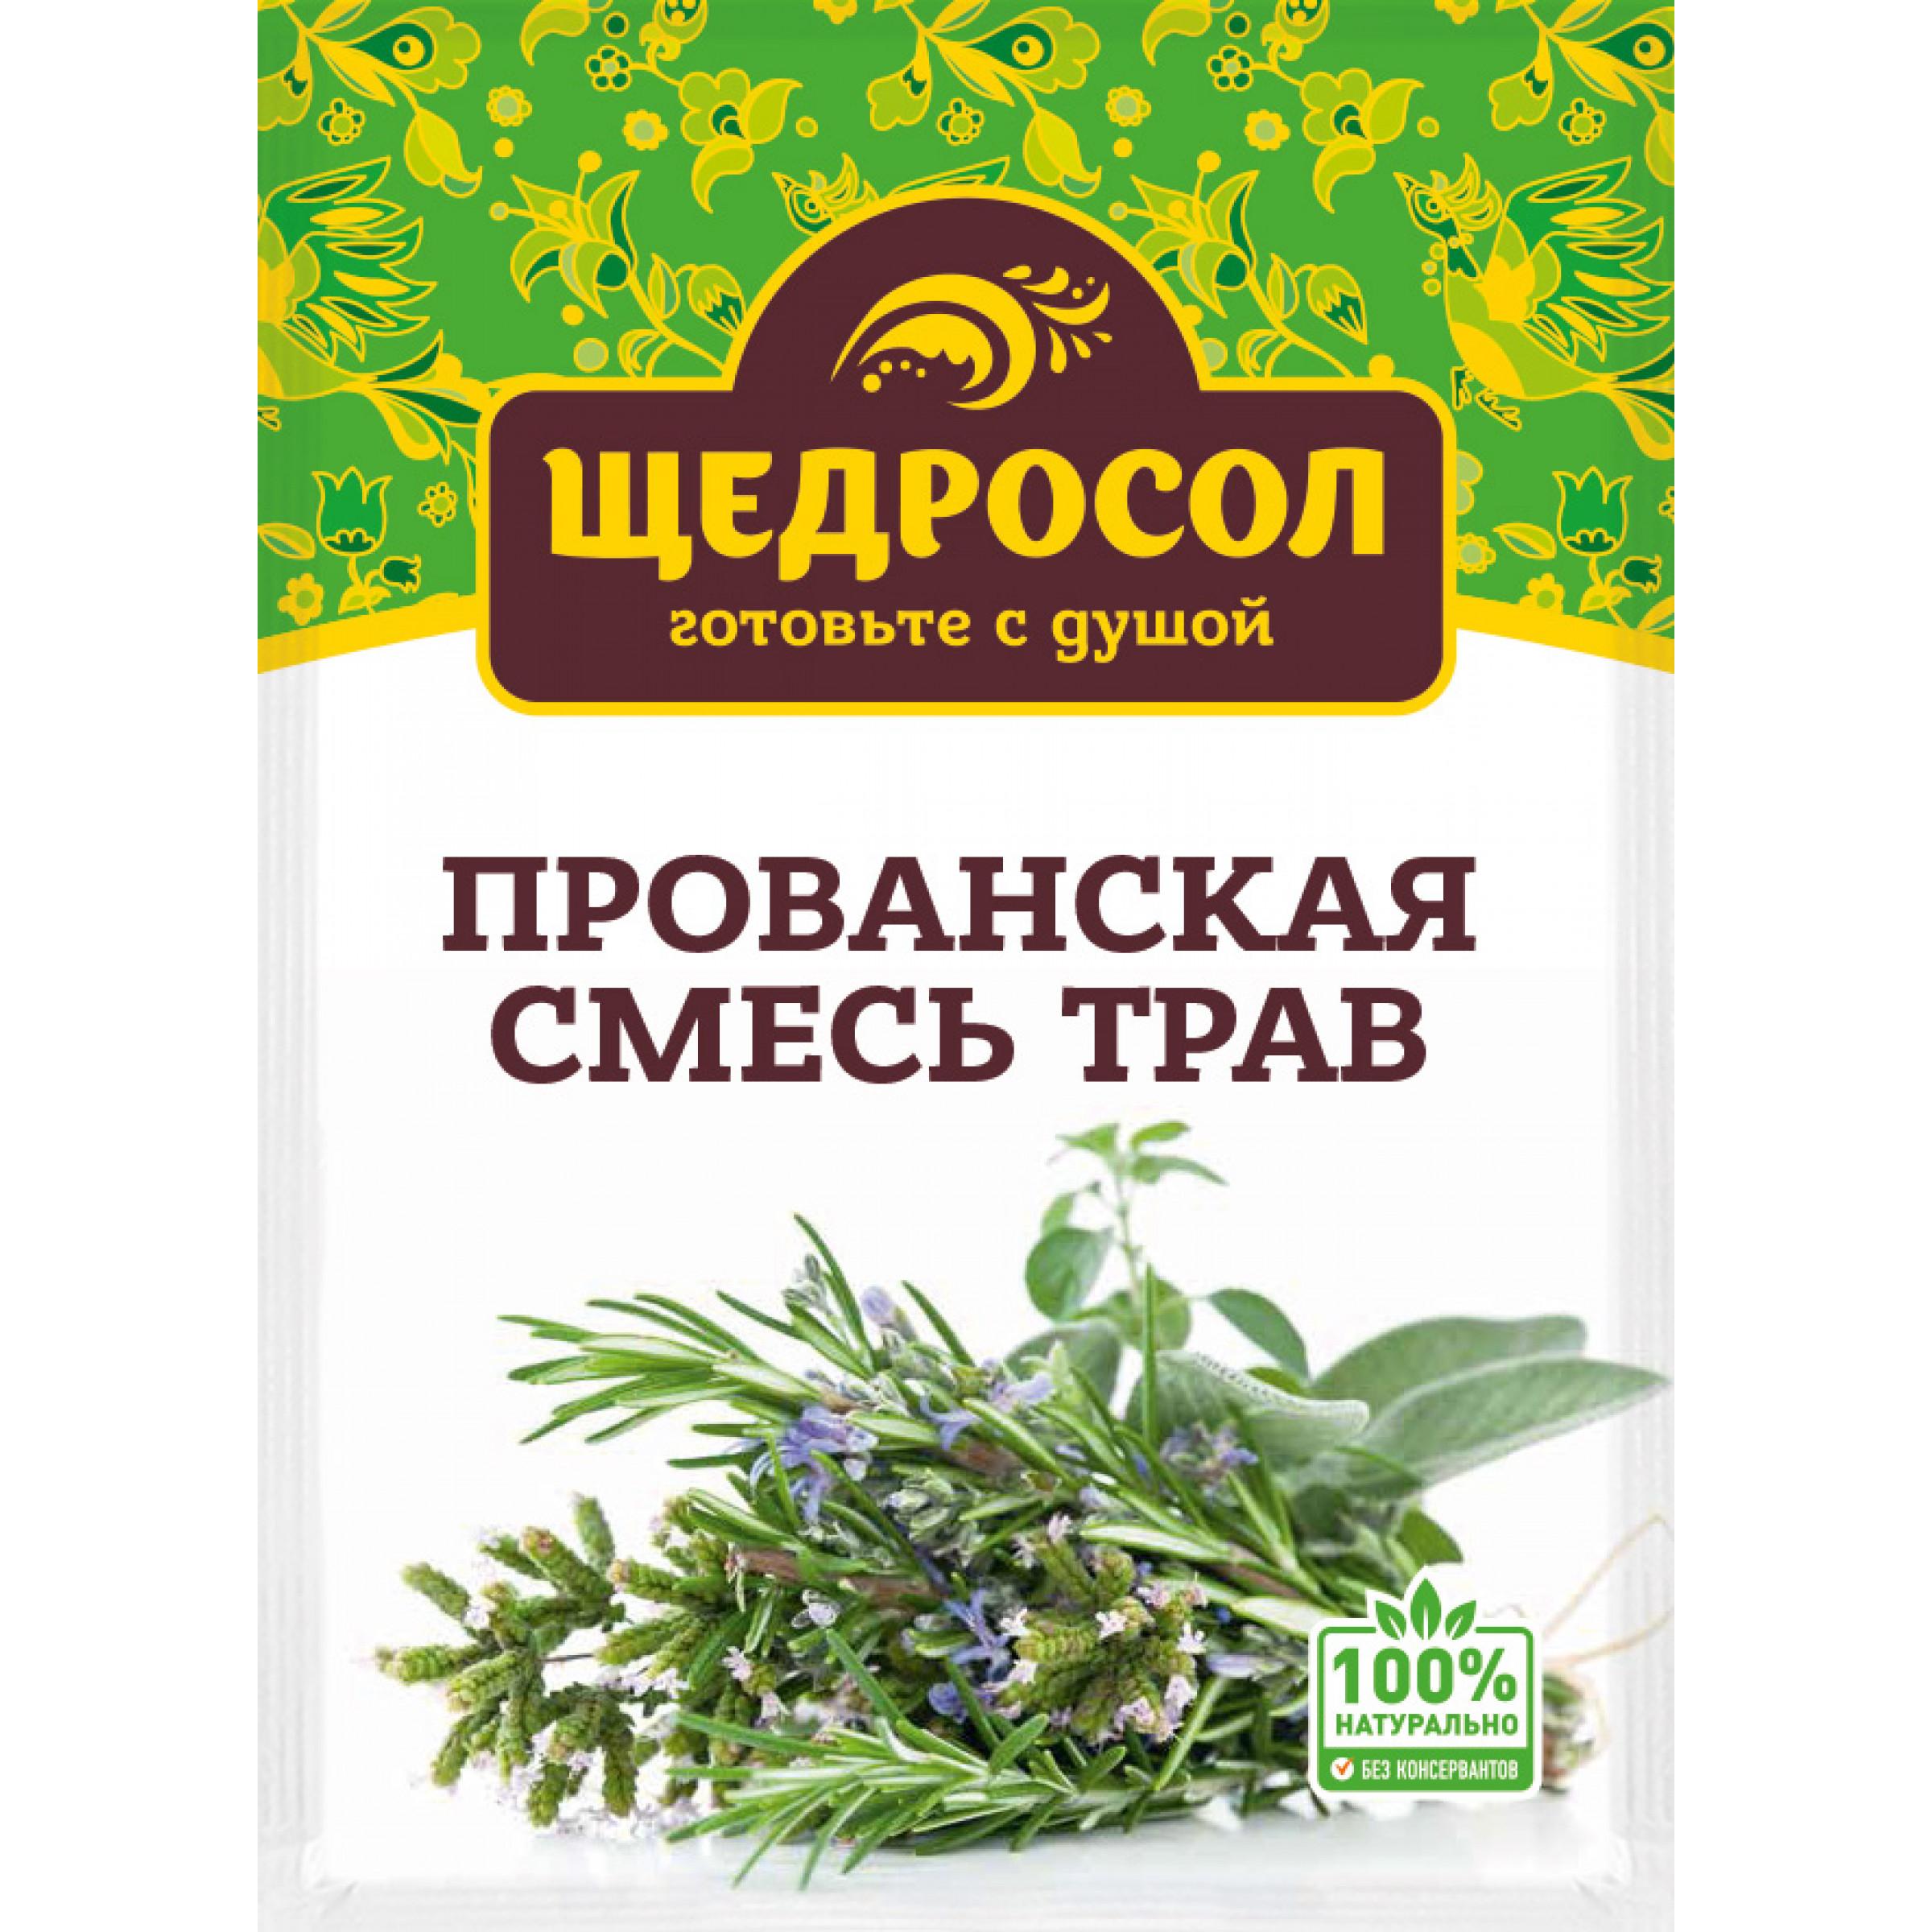 Приправа Прованская смесь трав, Щедросол, 7 гр